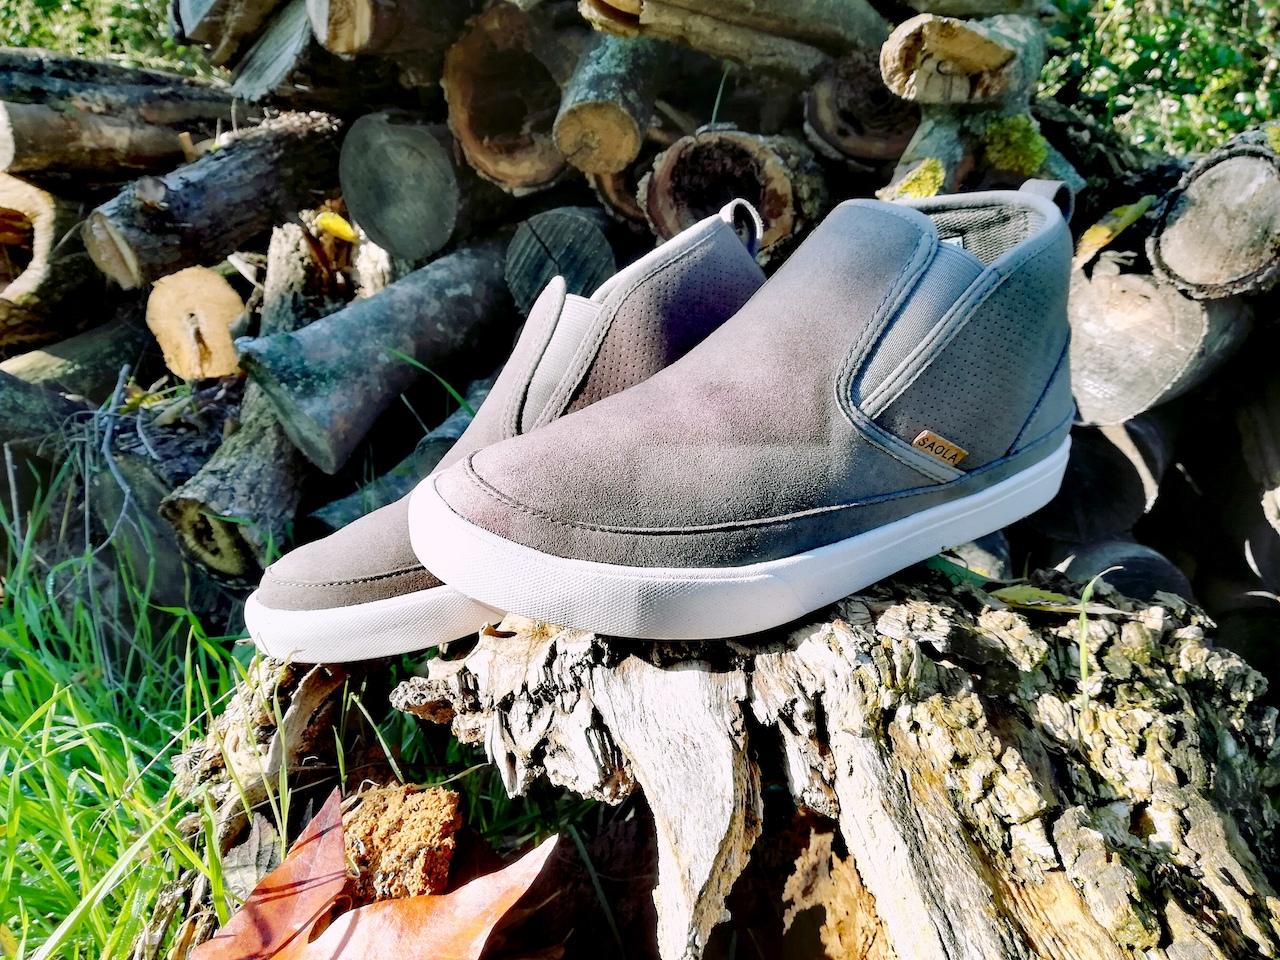 Des chaussures fabriquées à partir de bouteilles recyclées